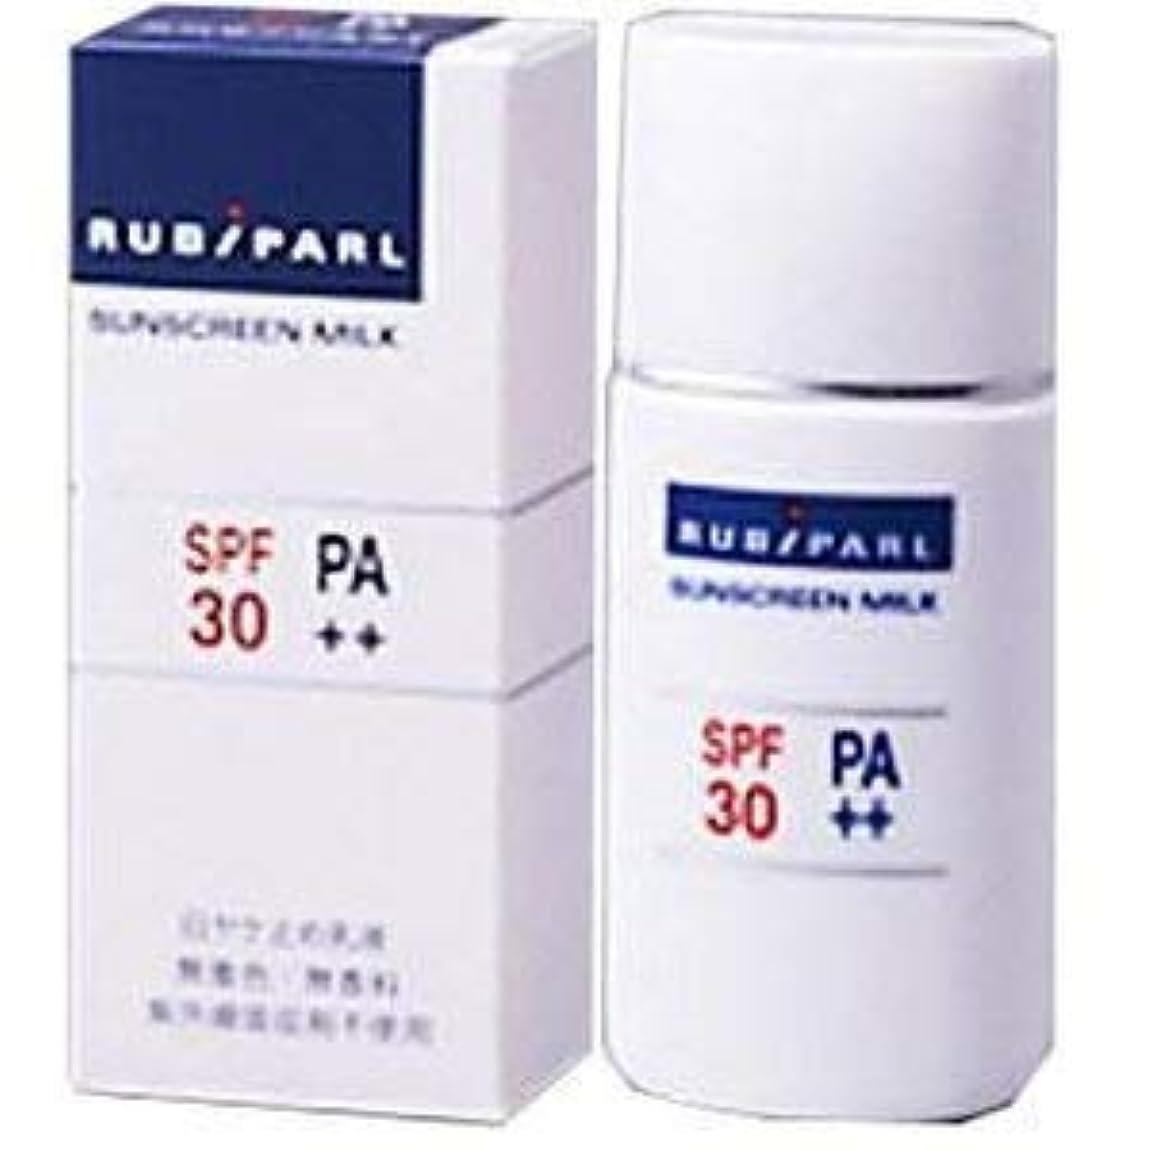 コンパニオン火山学者バトルルビパール サンスクリーンミルク 日ヤケ止め乳液 SPF30 PA++ 30mLx3個セット